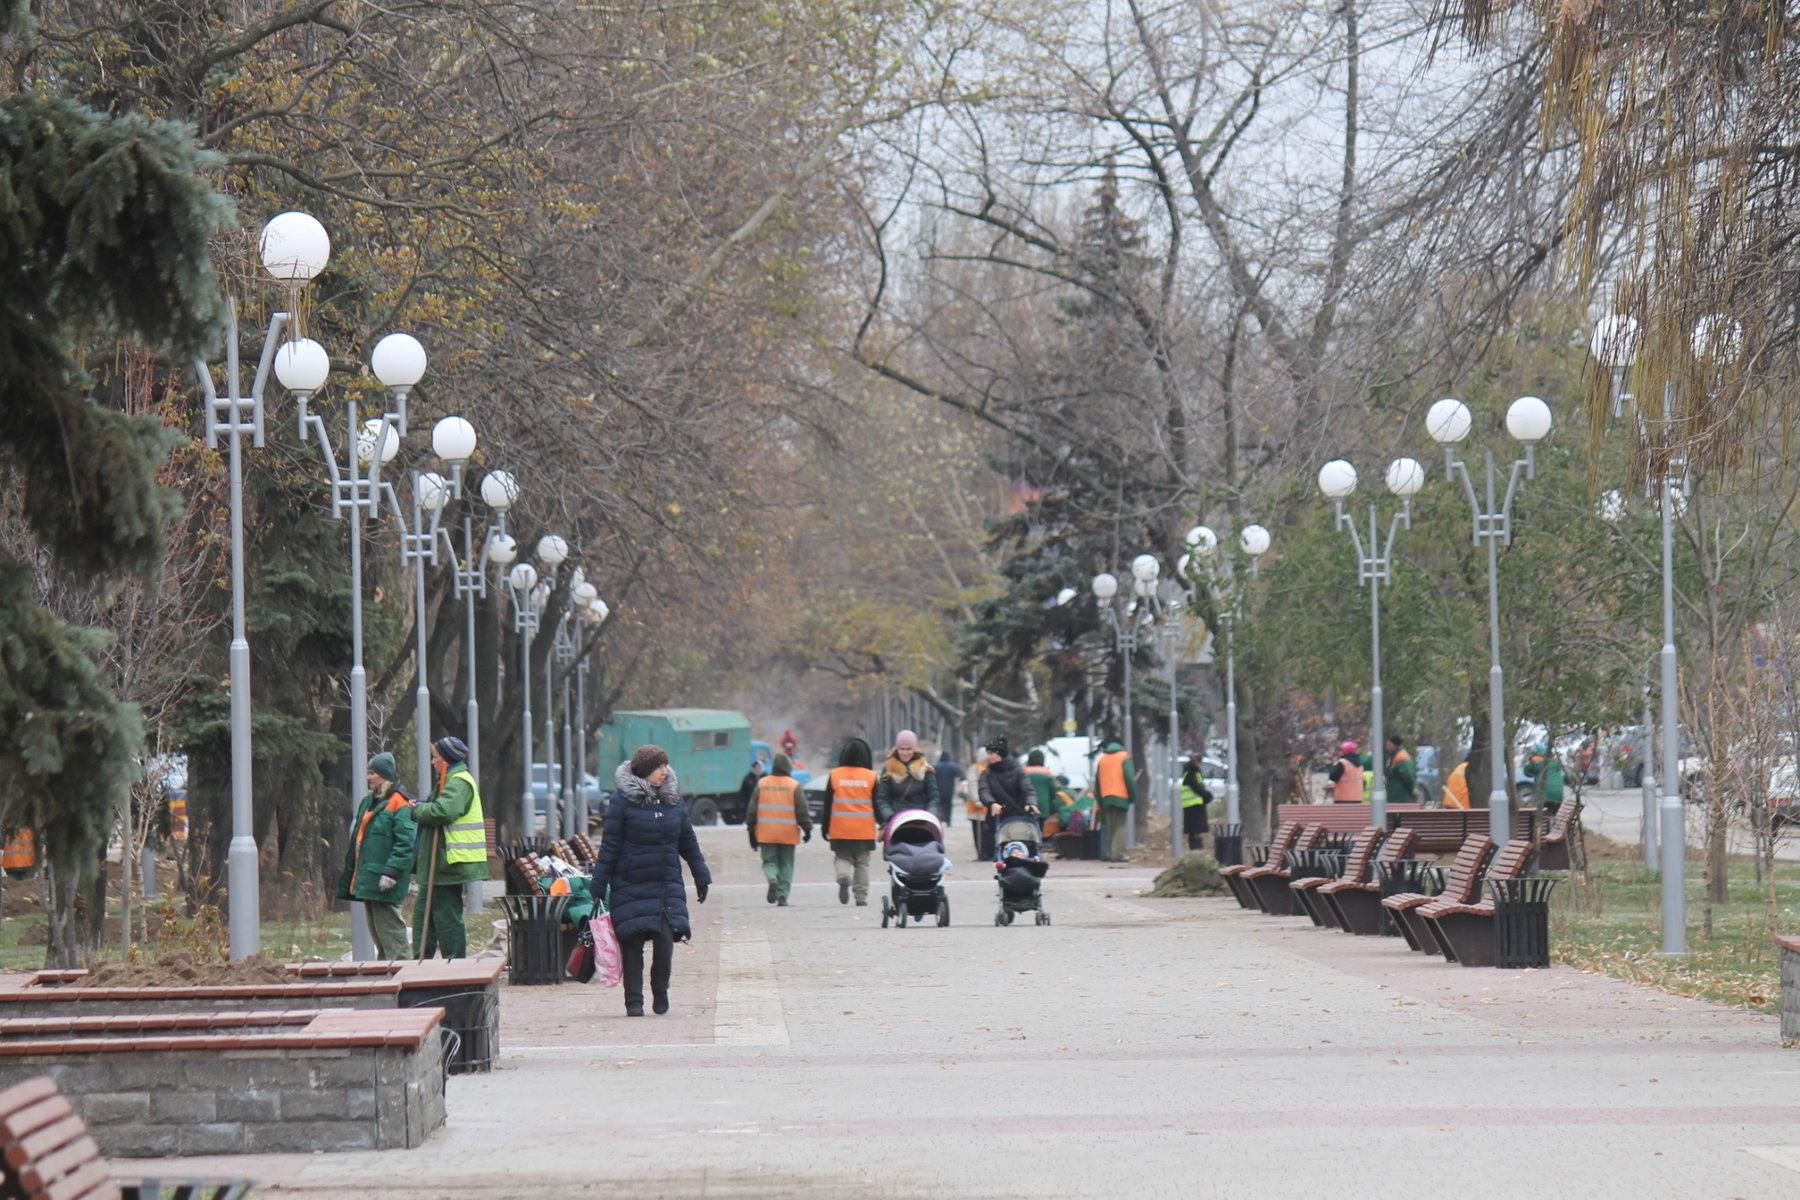 В Запорожье закончили реконструкцию аллеи на Маяковского: коммунальщики высадили деревья и газоны, – ФОТОРЕПОРТАЖ